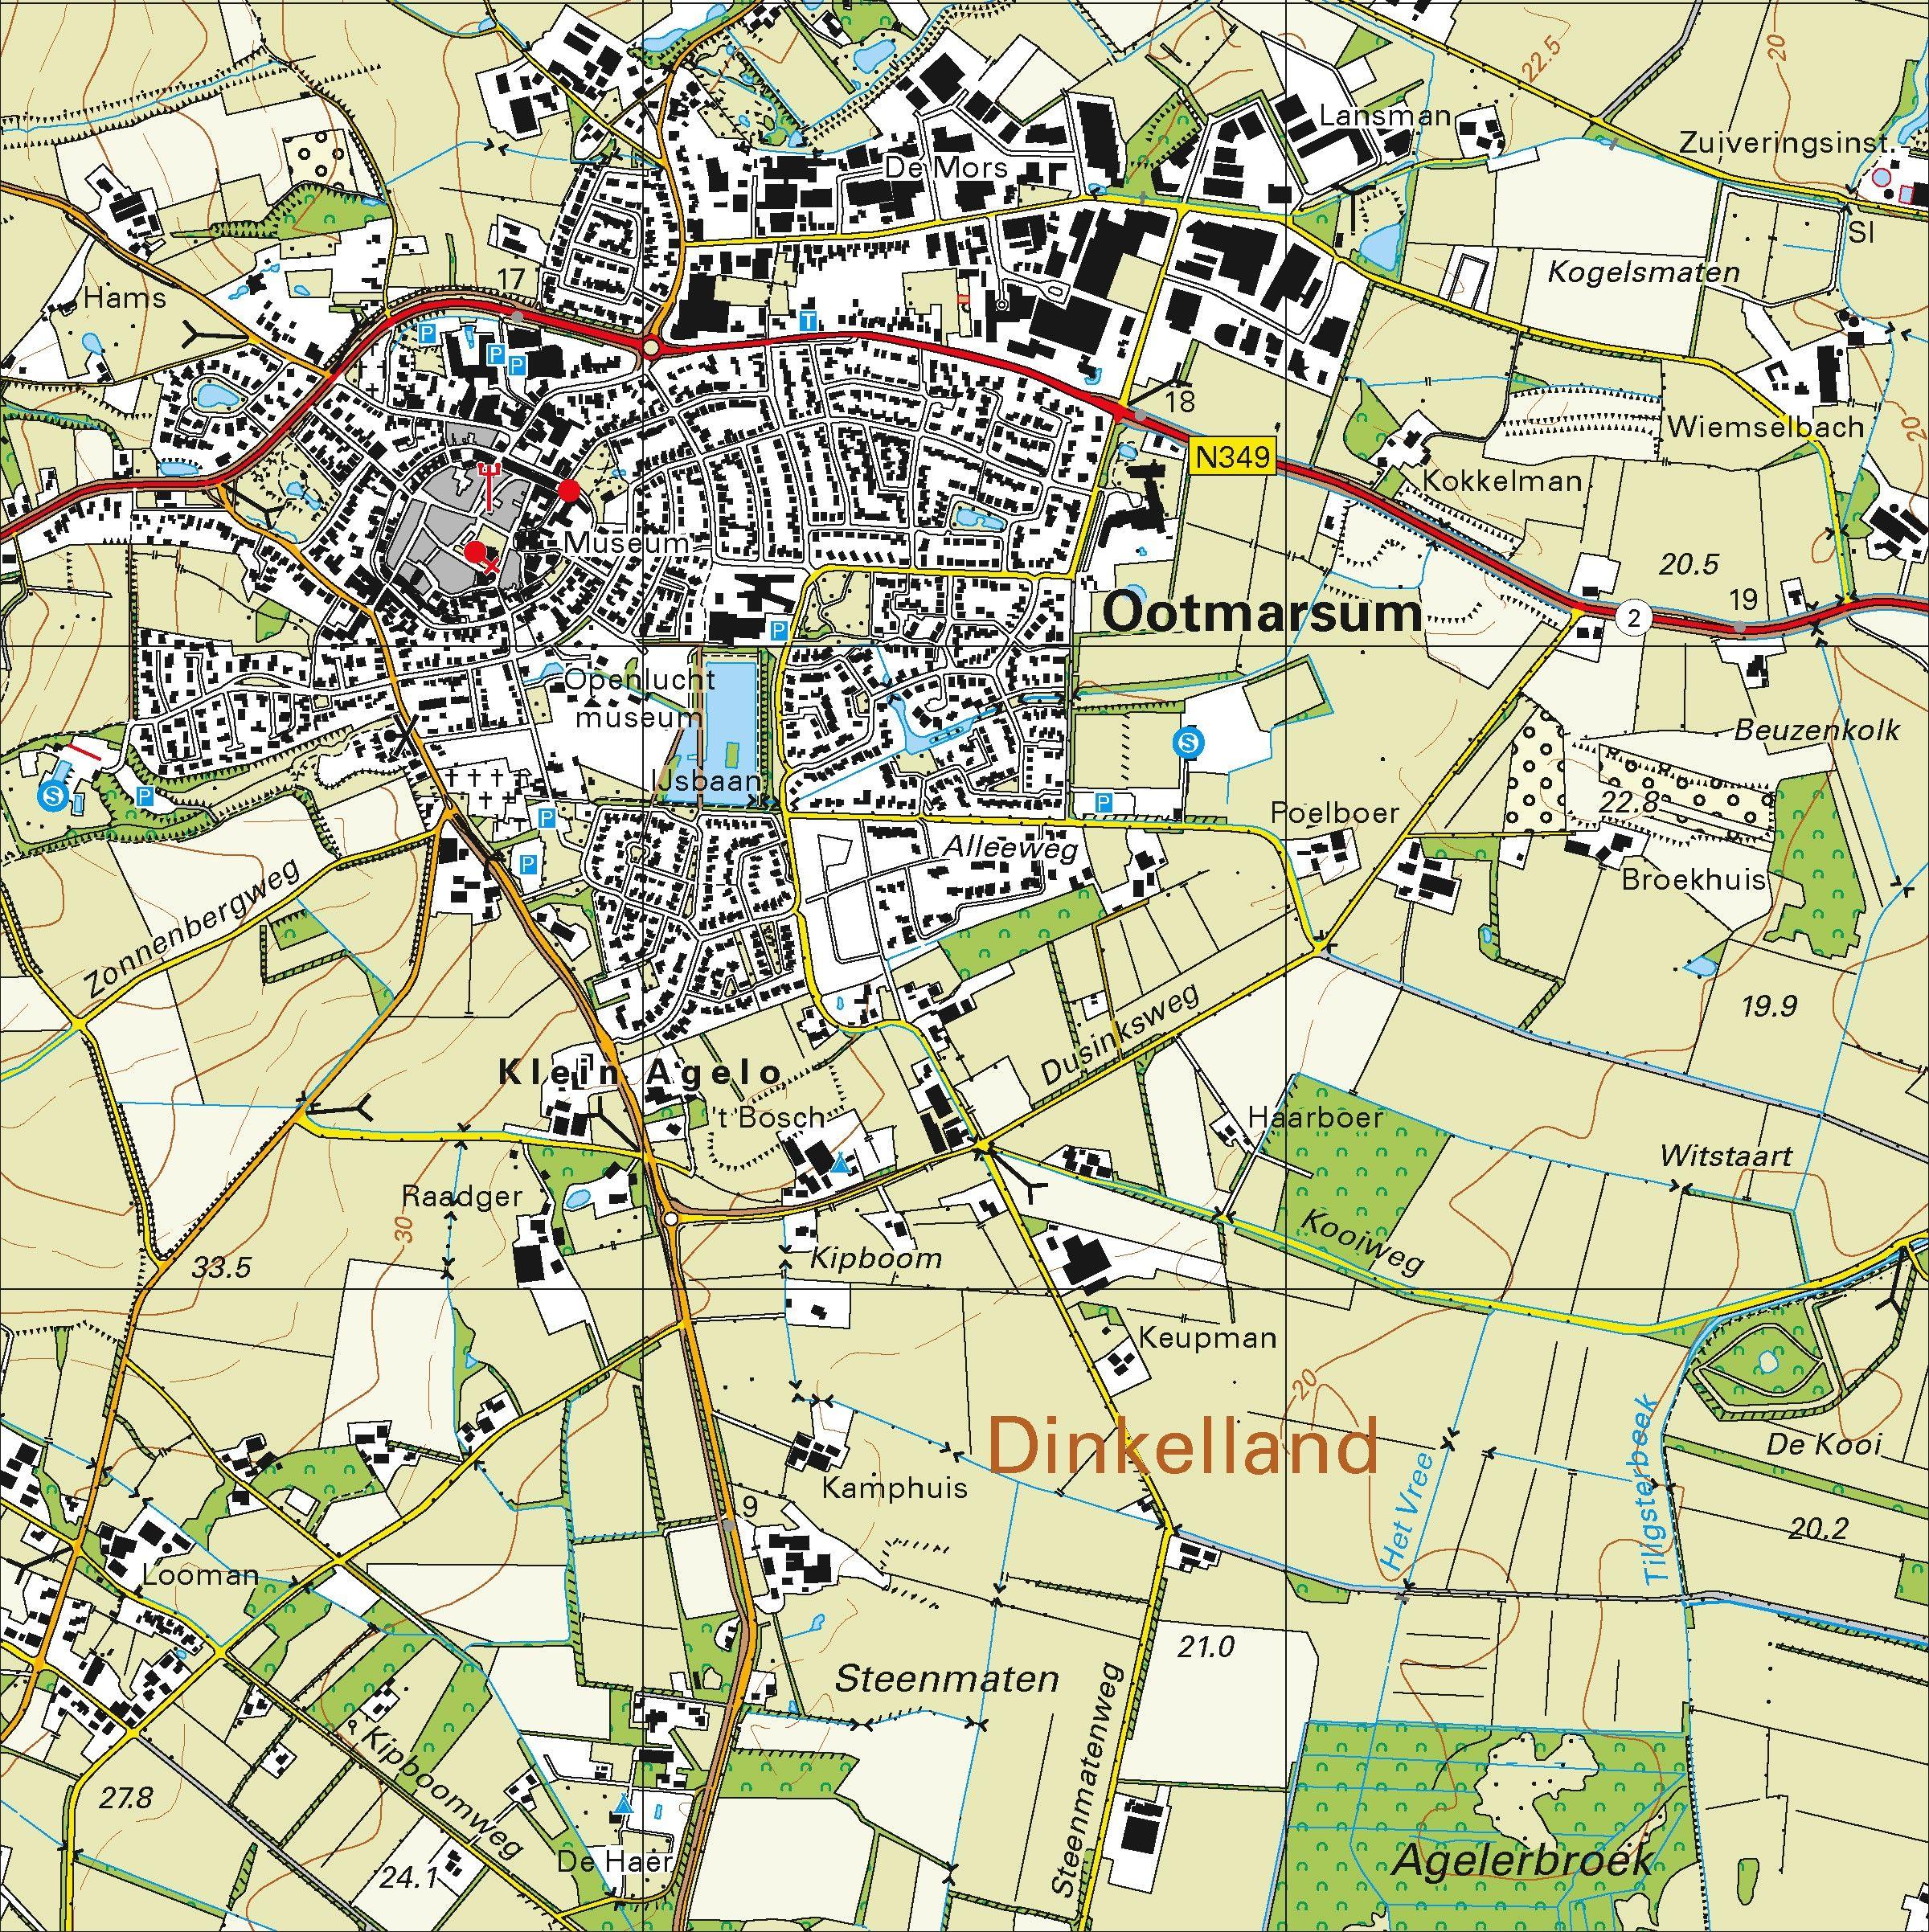 Topografische kaart schaal 1:25.000 (Hengelo, Oldenzaal, Losser, Denekamp, Ootmarsum)